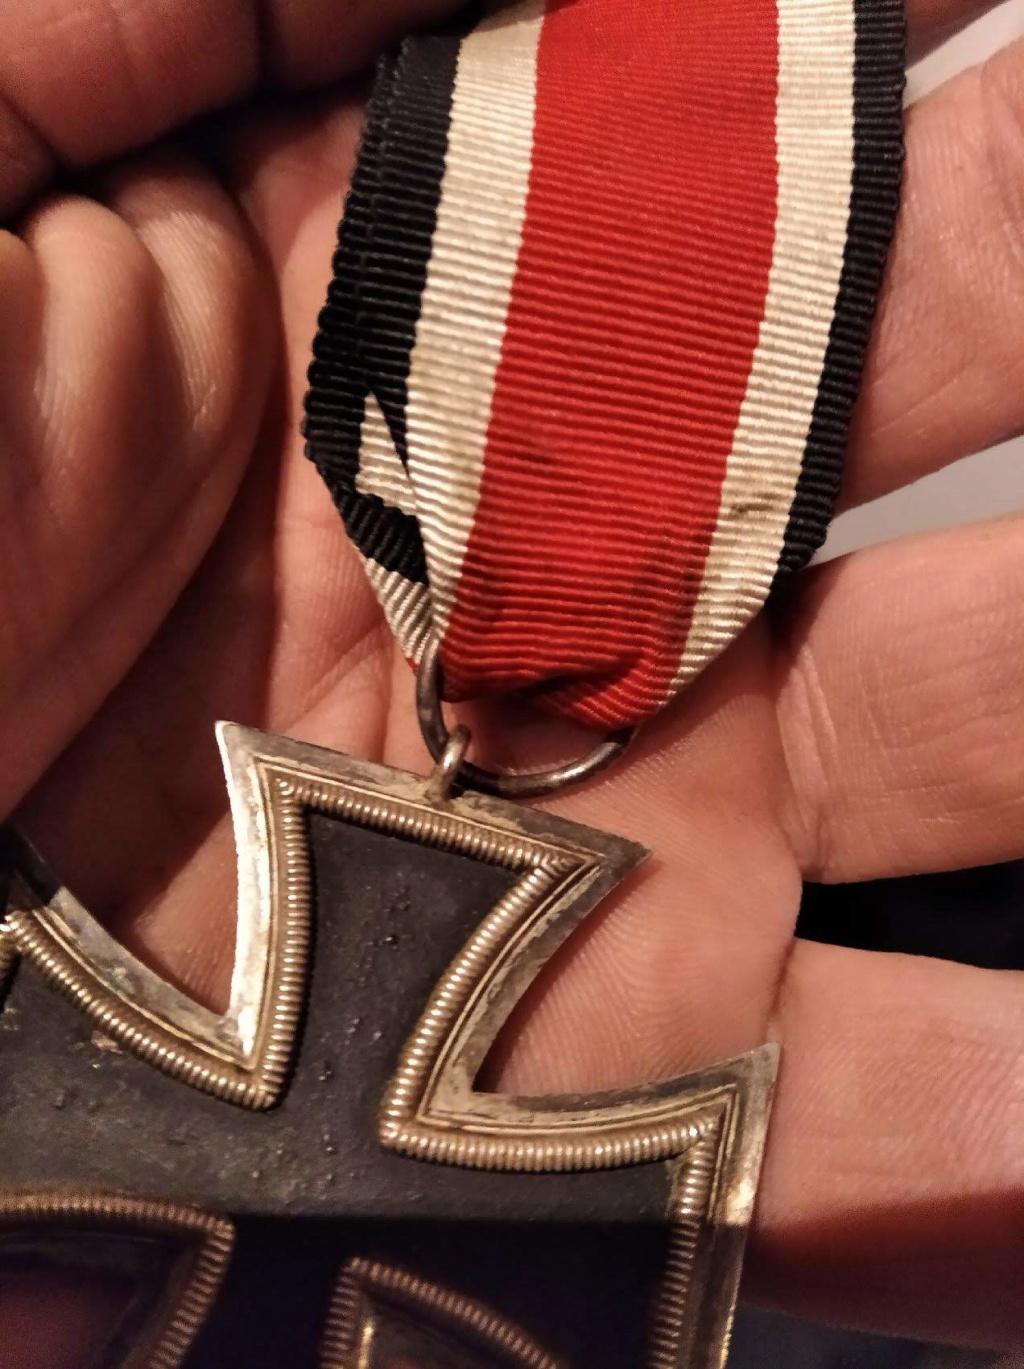 Authentification croix de fer ww2 Image_12